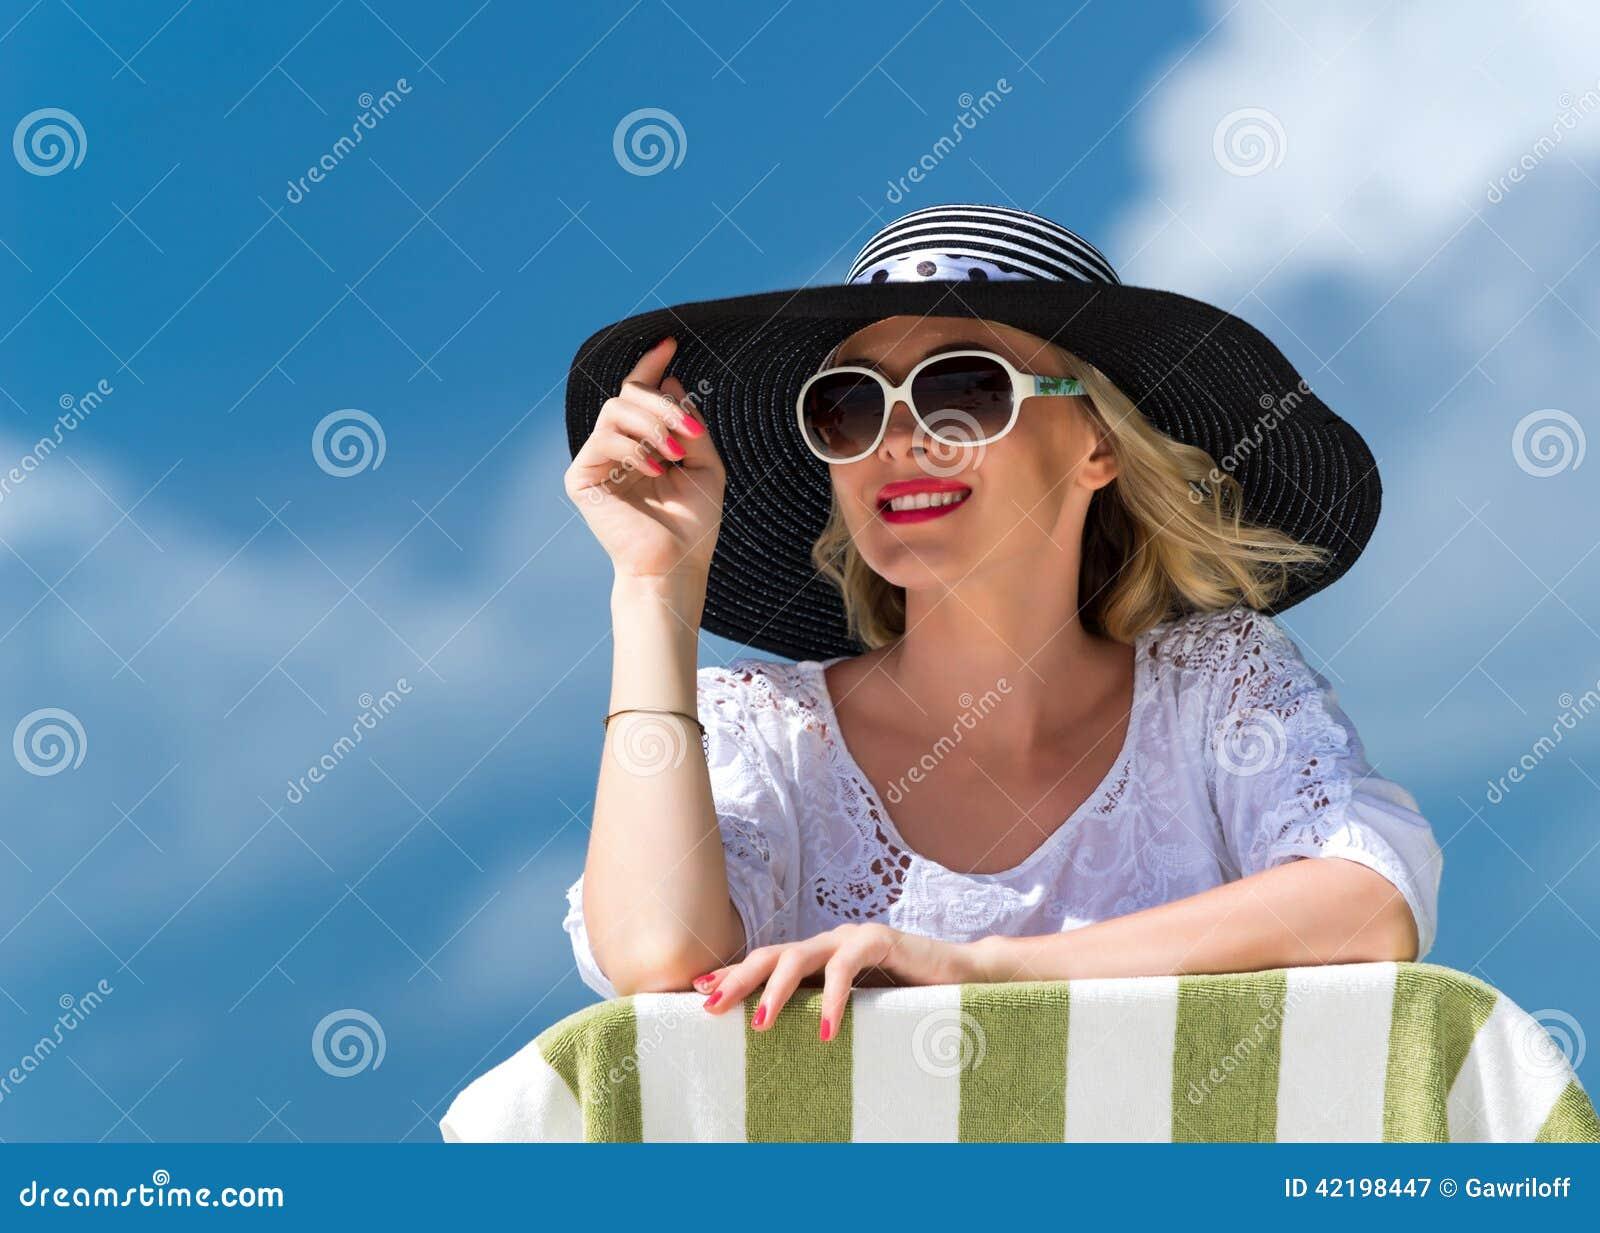 Gelukkige jonge vrouw op het strand, het mooie vrouwelijke gezichts openluchtportret, vrij het gezonde meisje buiten ontspannen,